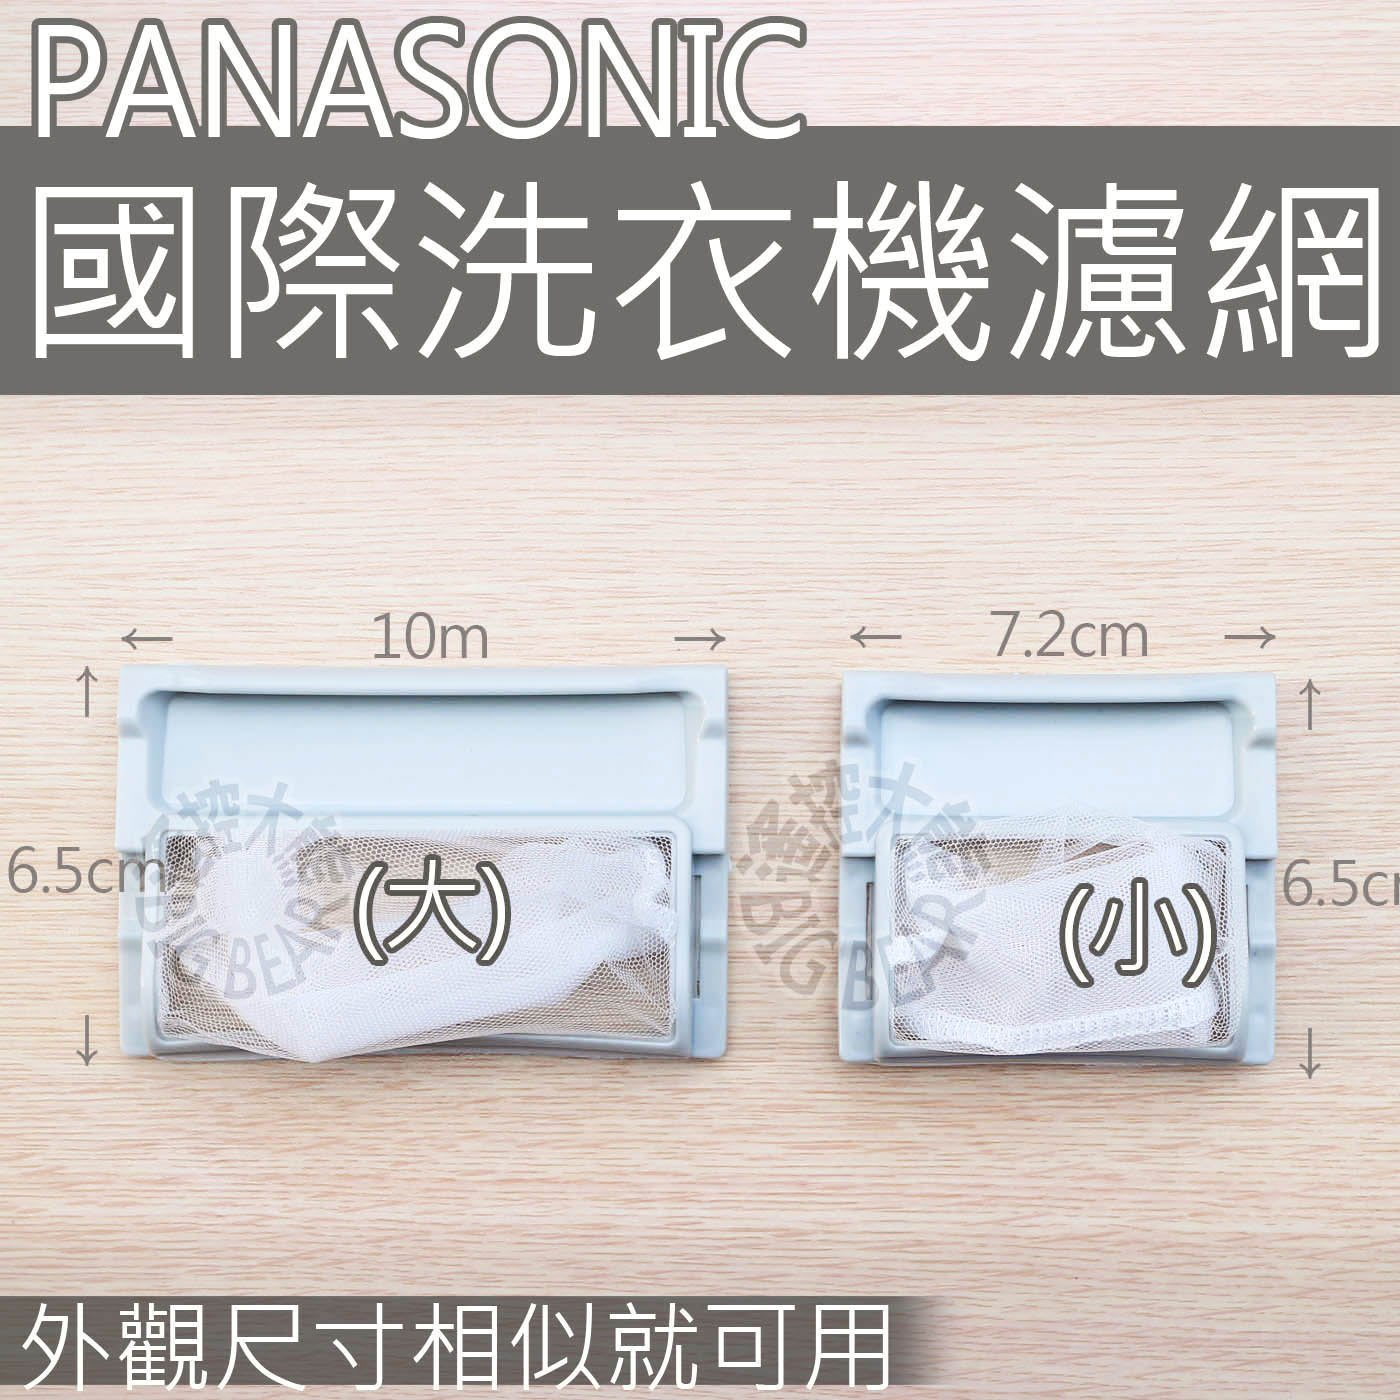 【2個郵寄$100】PANASONIC 國際洗衣機濾網棉絮過濾網過濾網 國際牌 雙槽洗衣機 濾網